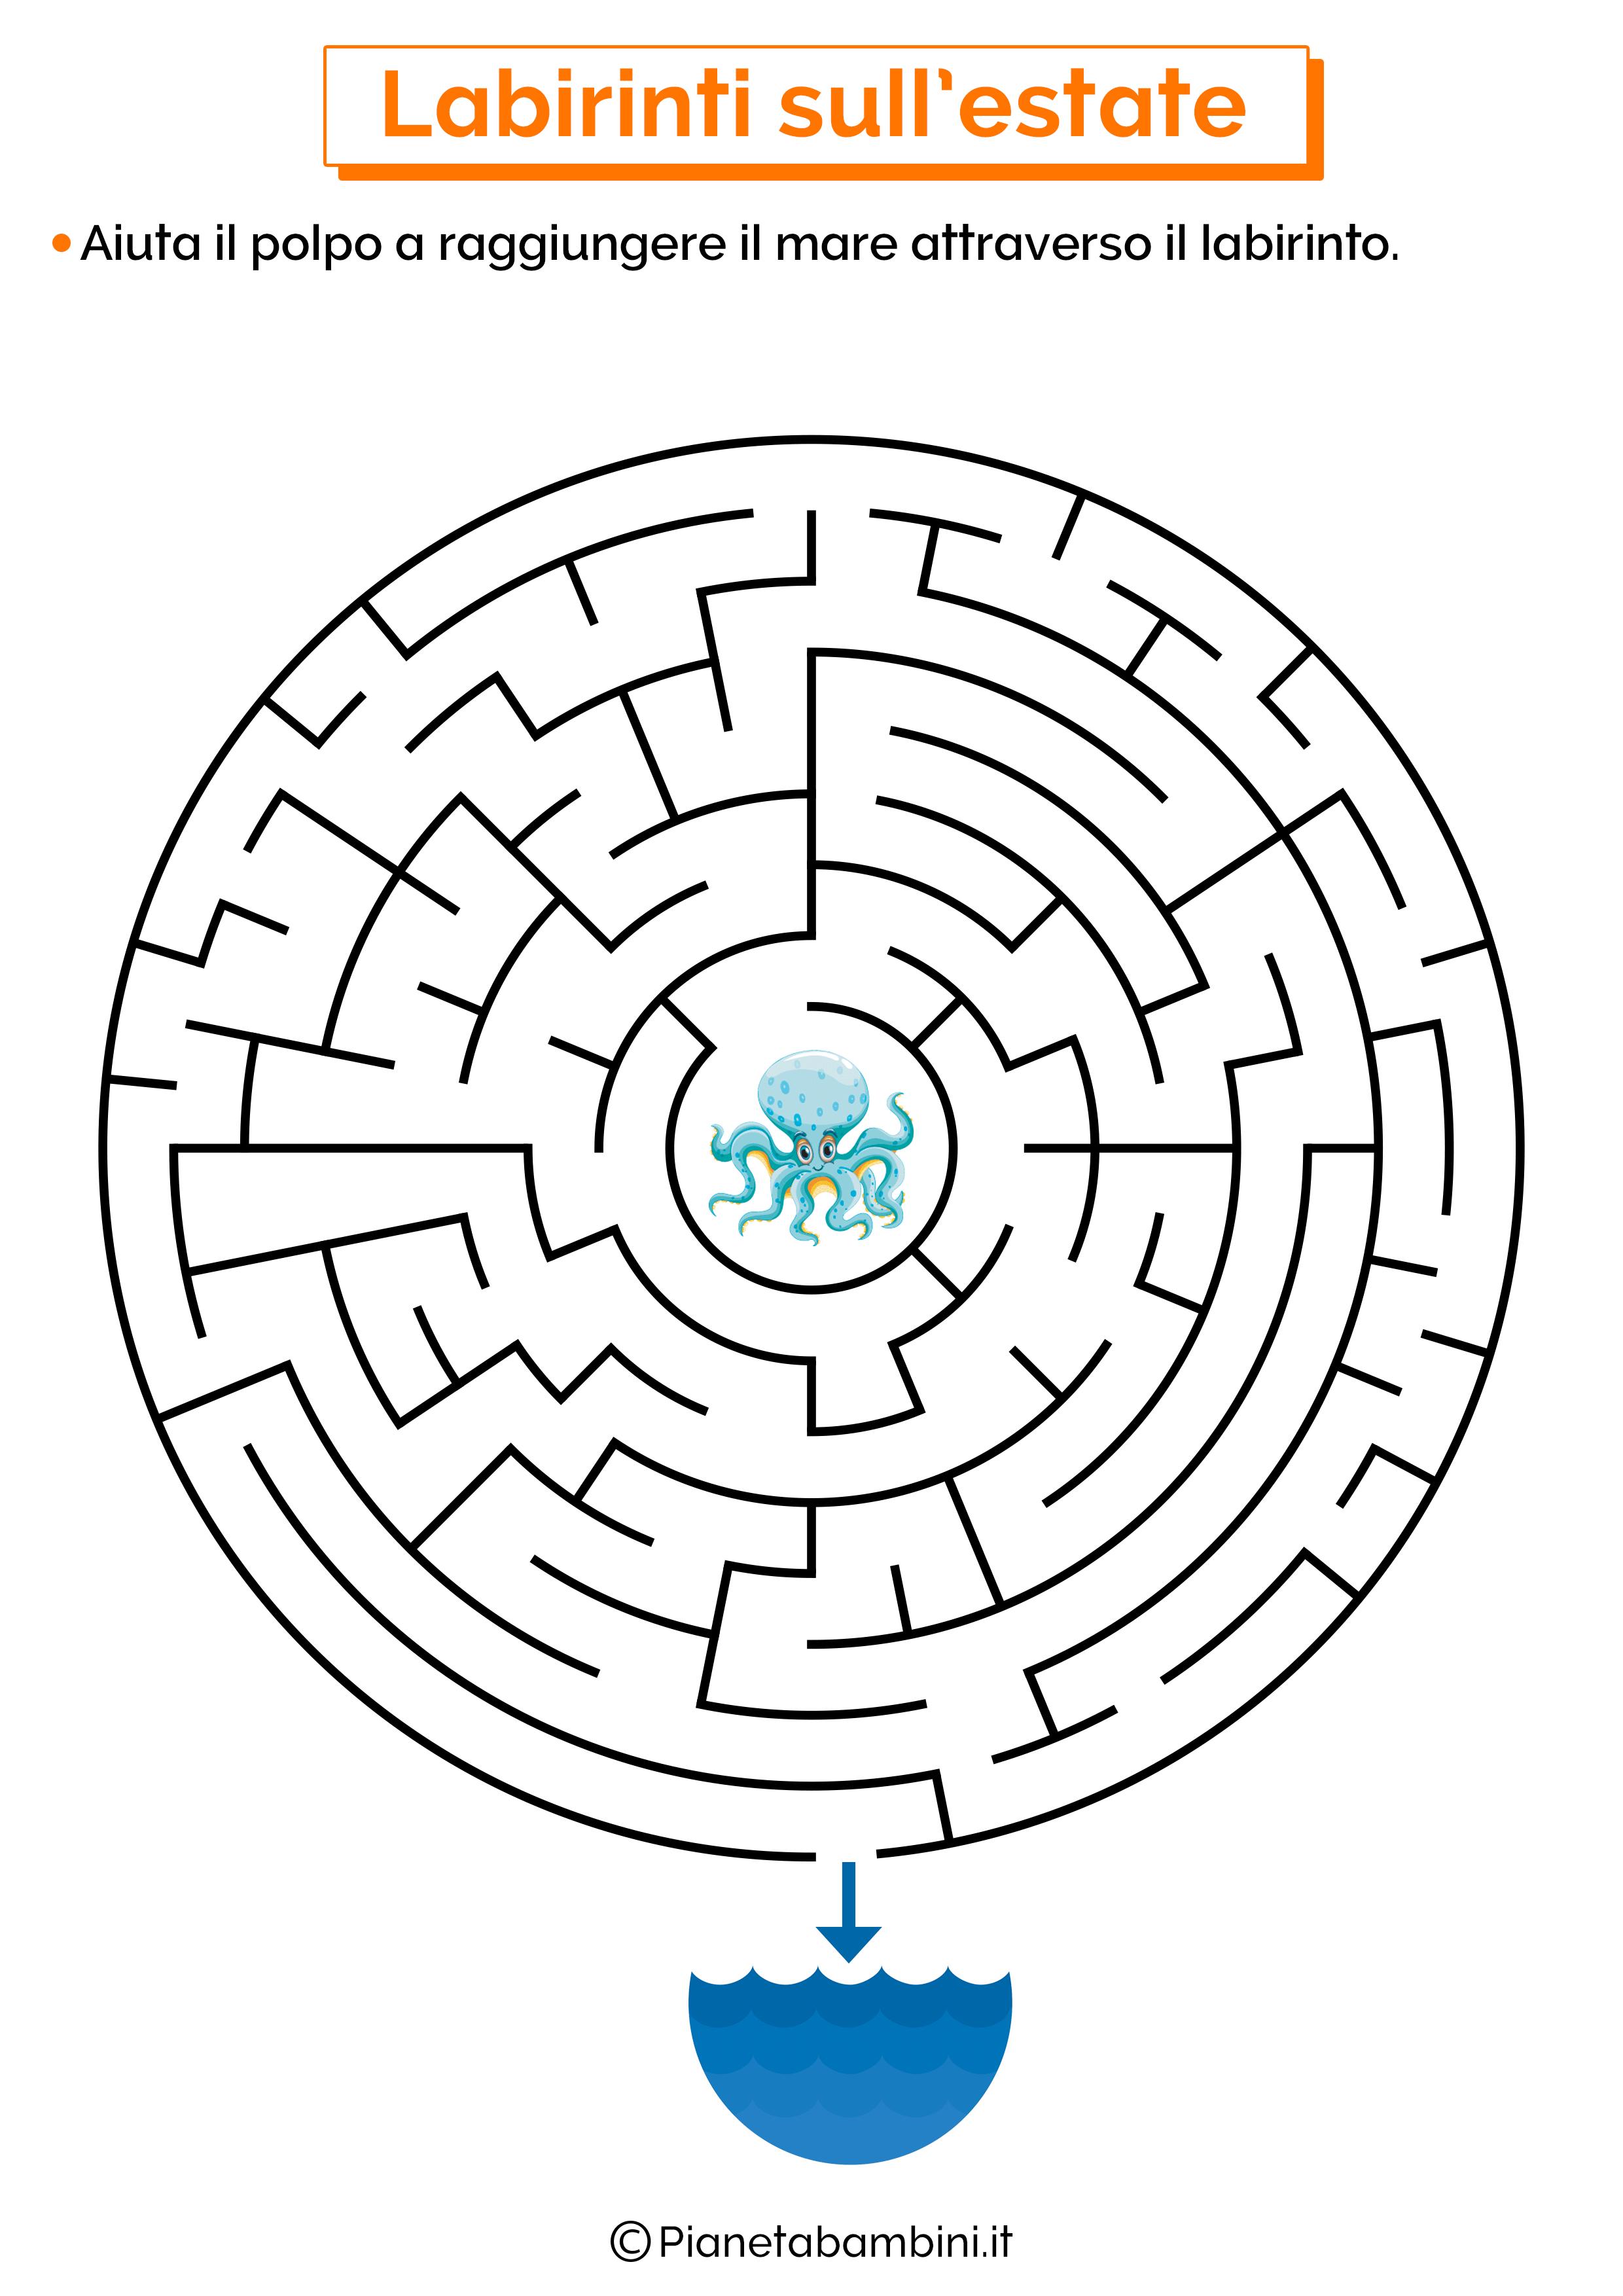 Labirinto sull'estate 01